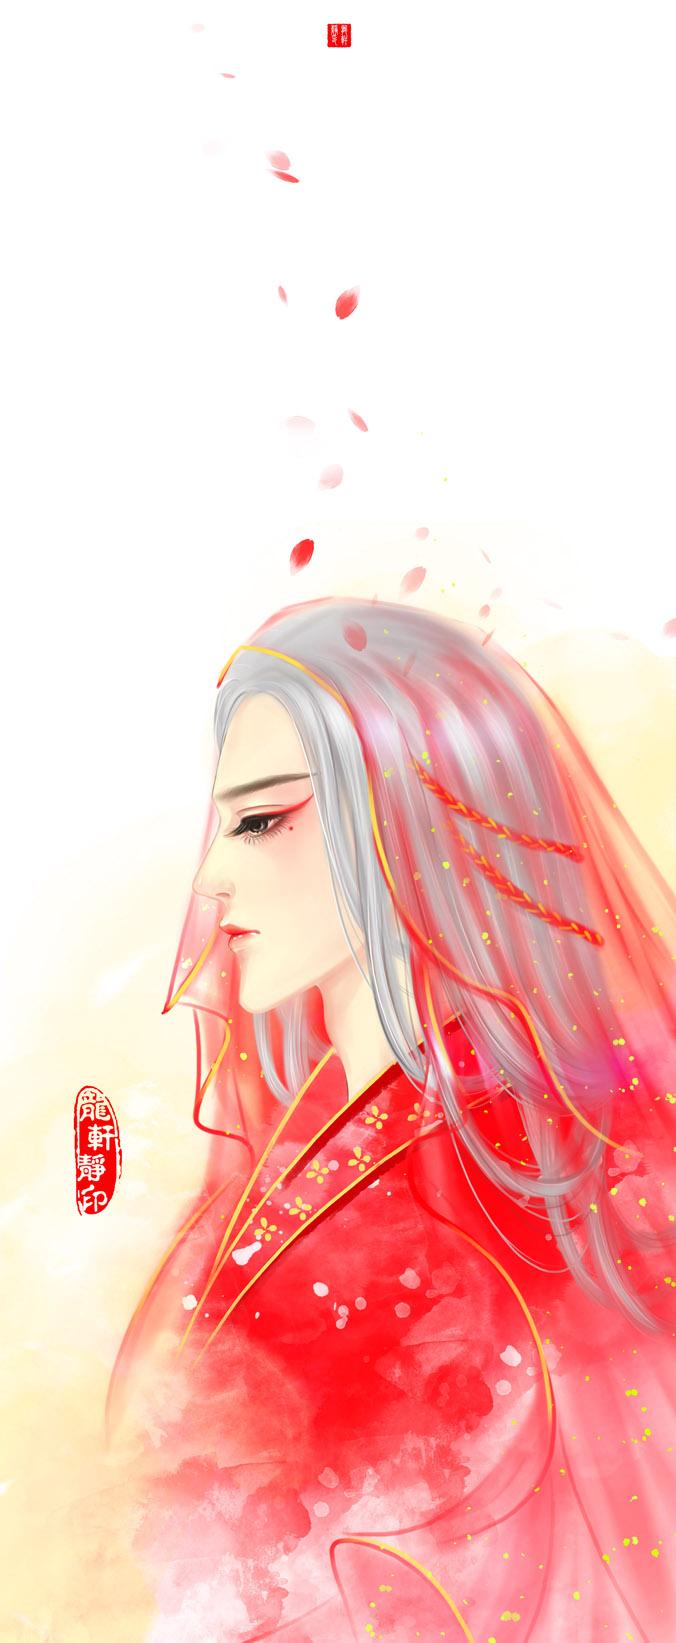 longxuanjing_84.jpg